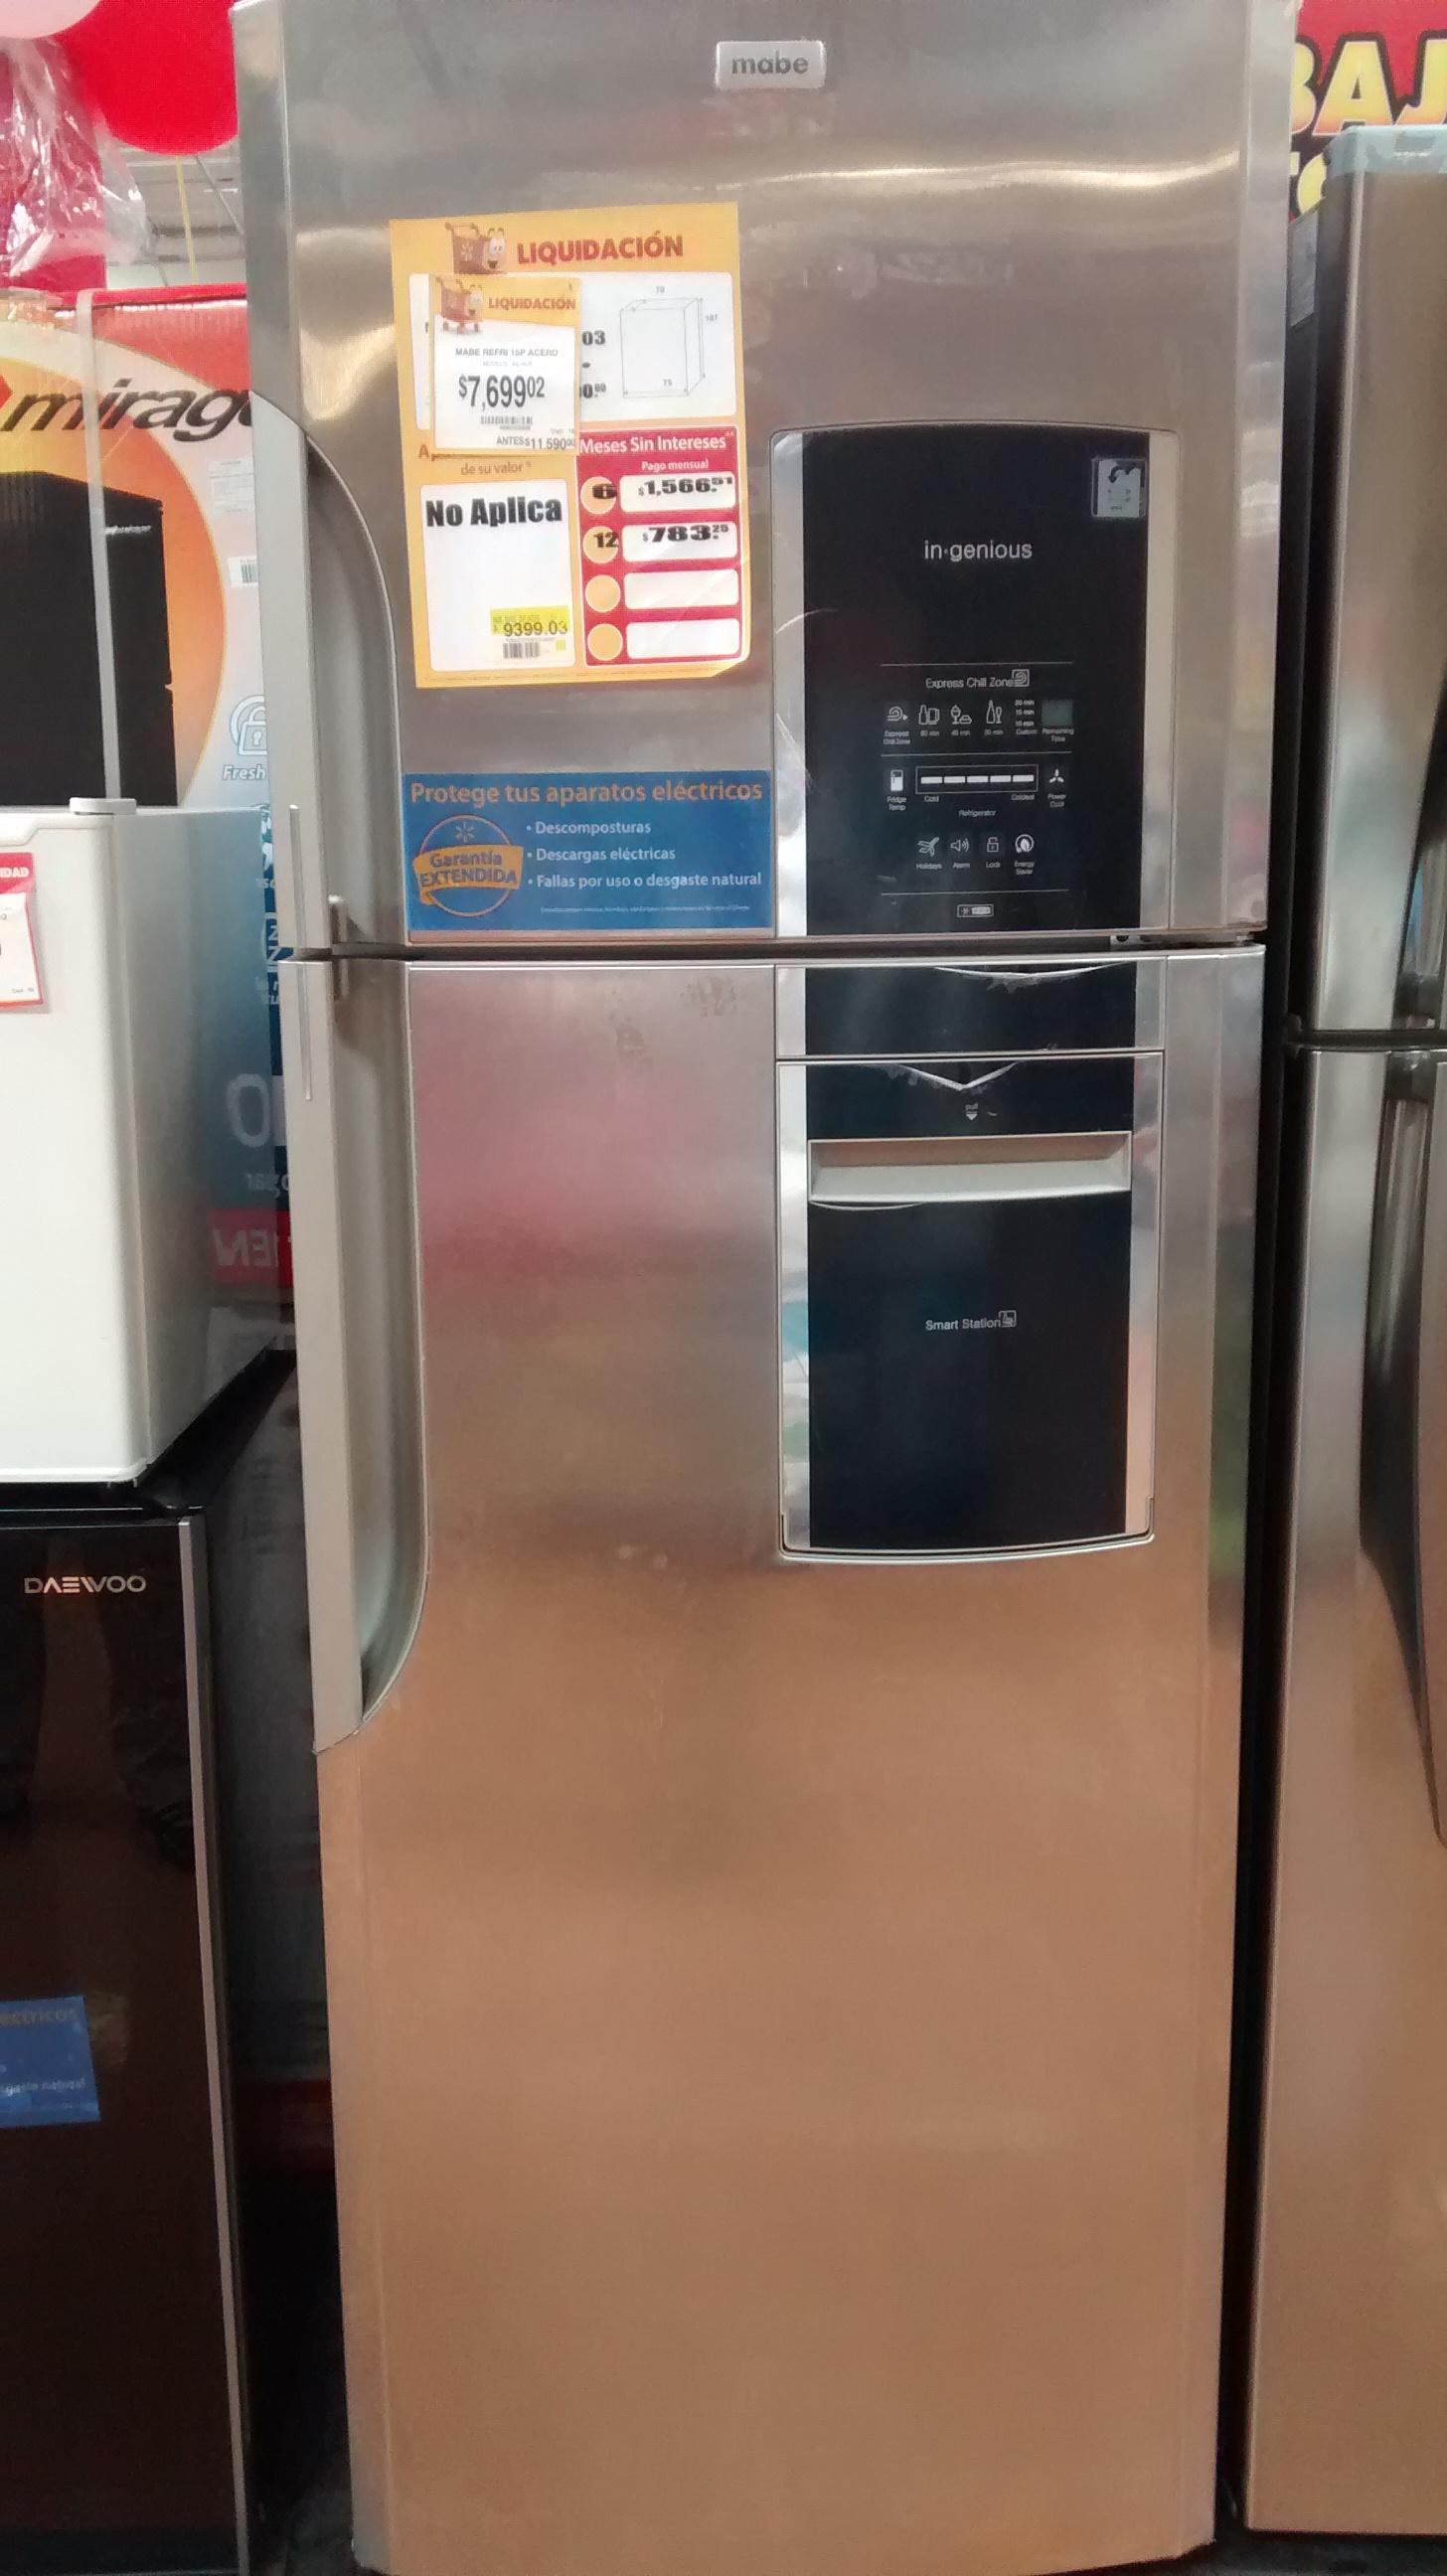 Walmart: Refrigerador Mabe 15' a $7,699.02